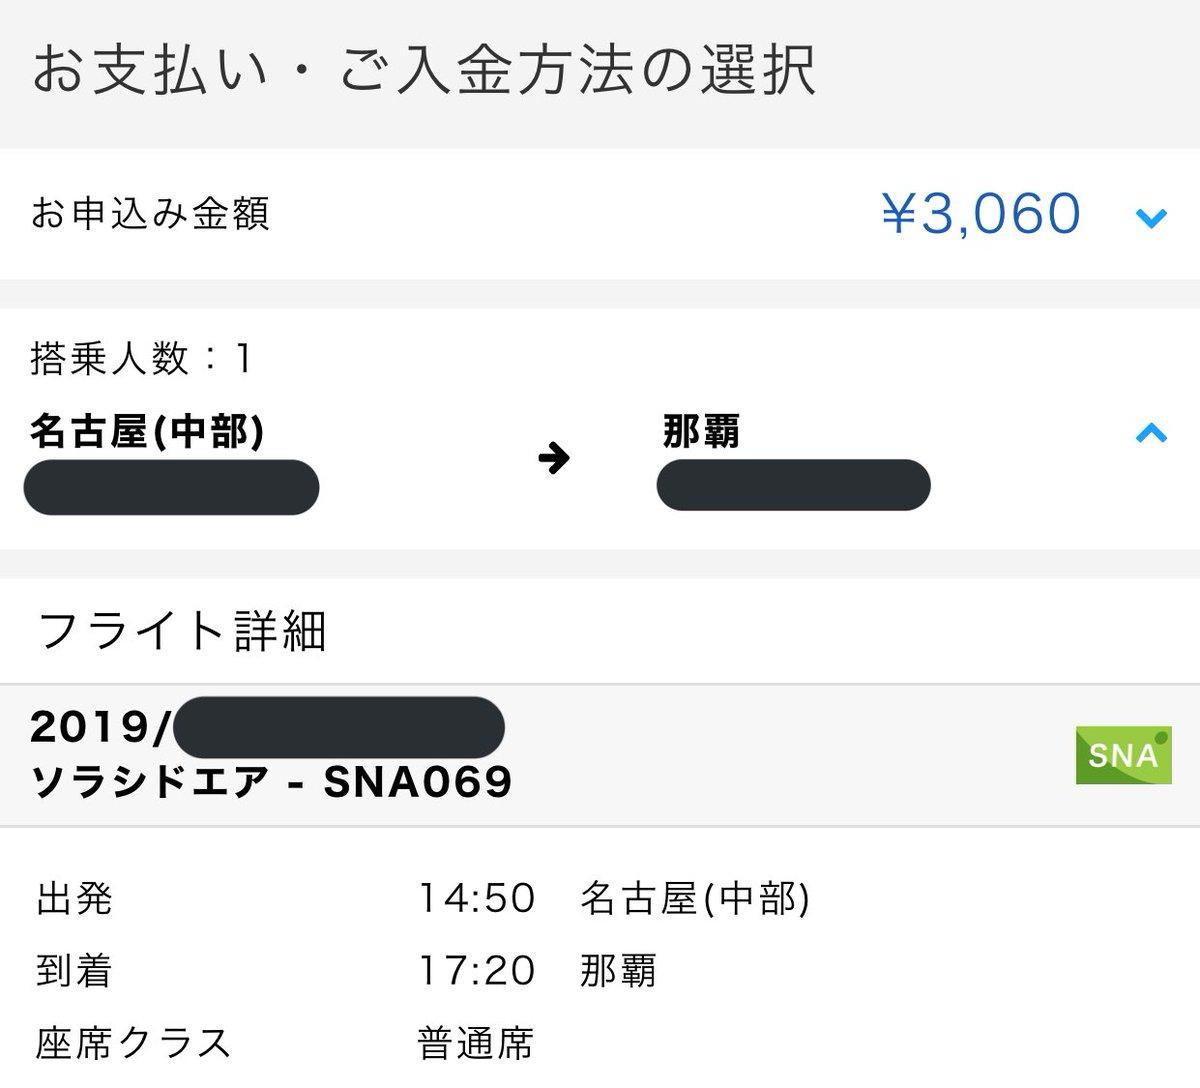 ソラシドカード作ったらお得に名古屋から沖縄や鹿児島に行けるみたいですよね😊でもソラシドエア、有償でも安いから迷う。名古屋発だけ❓クレジットカードはあんまり作りたくないんですよね🤔来月⬇️これで沖縄行きます❣️